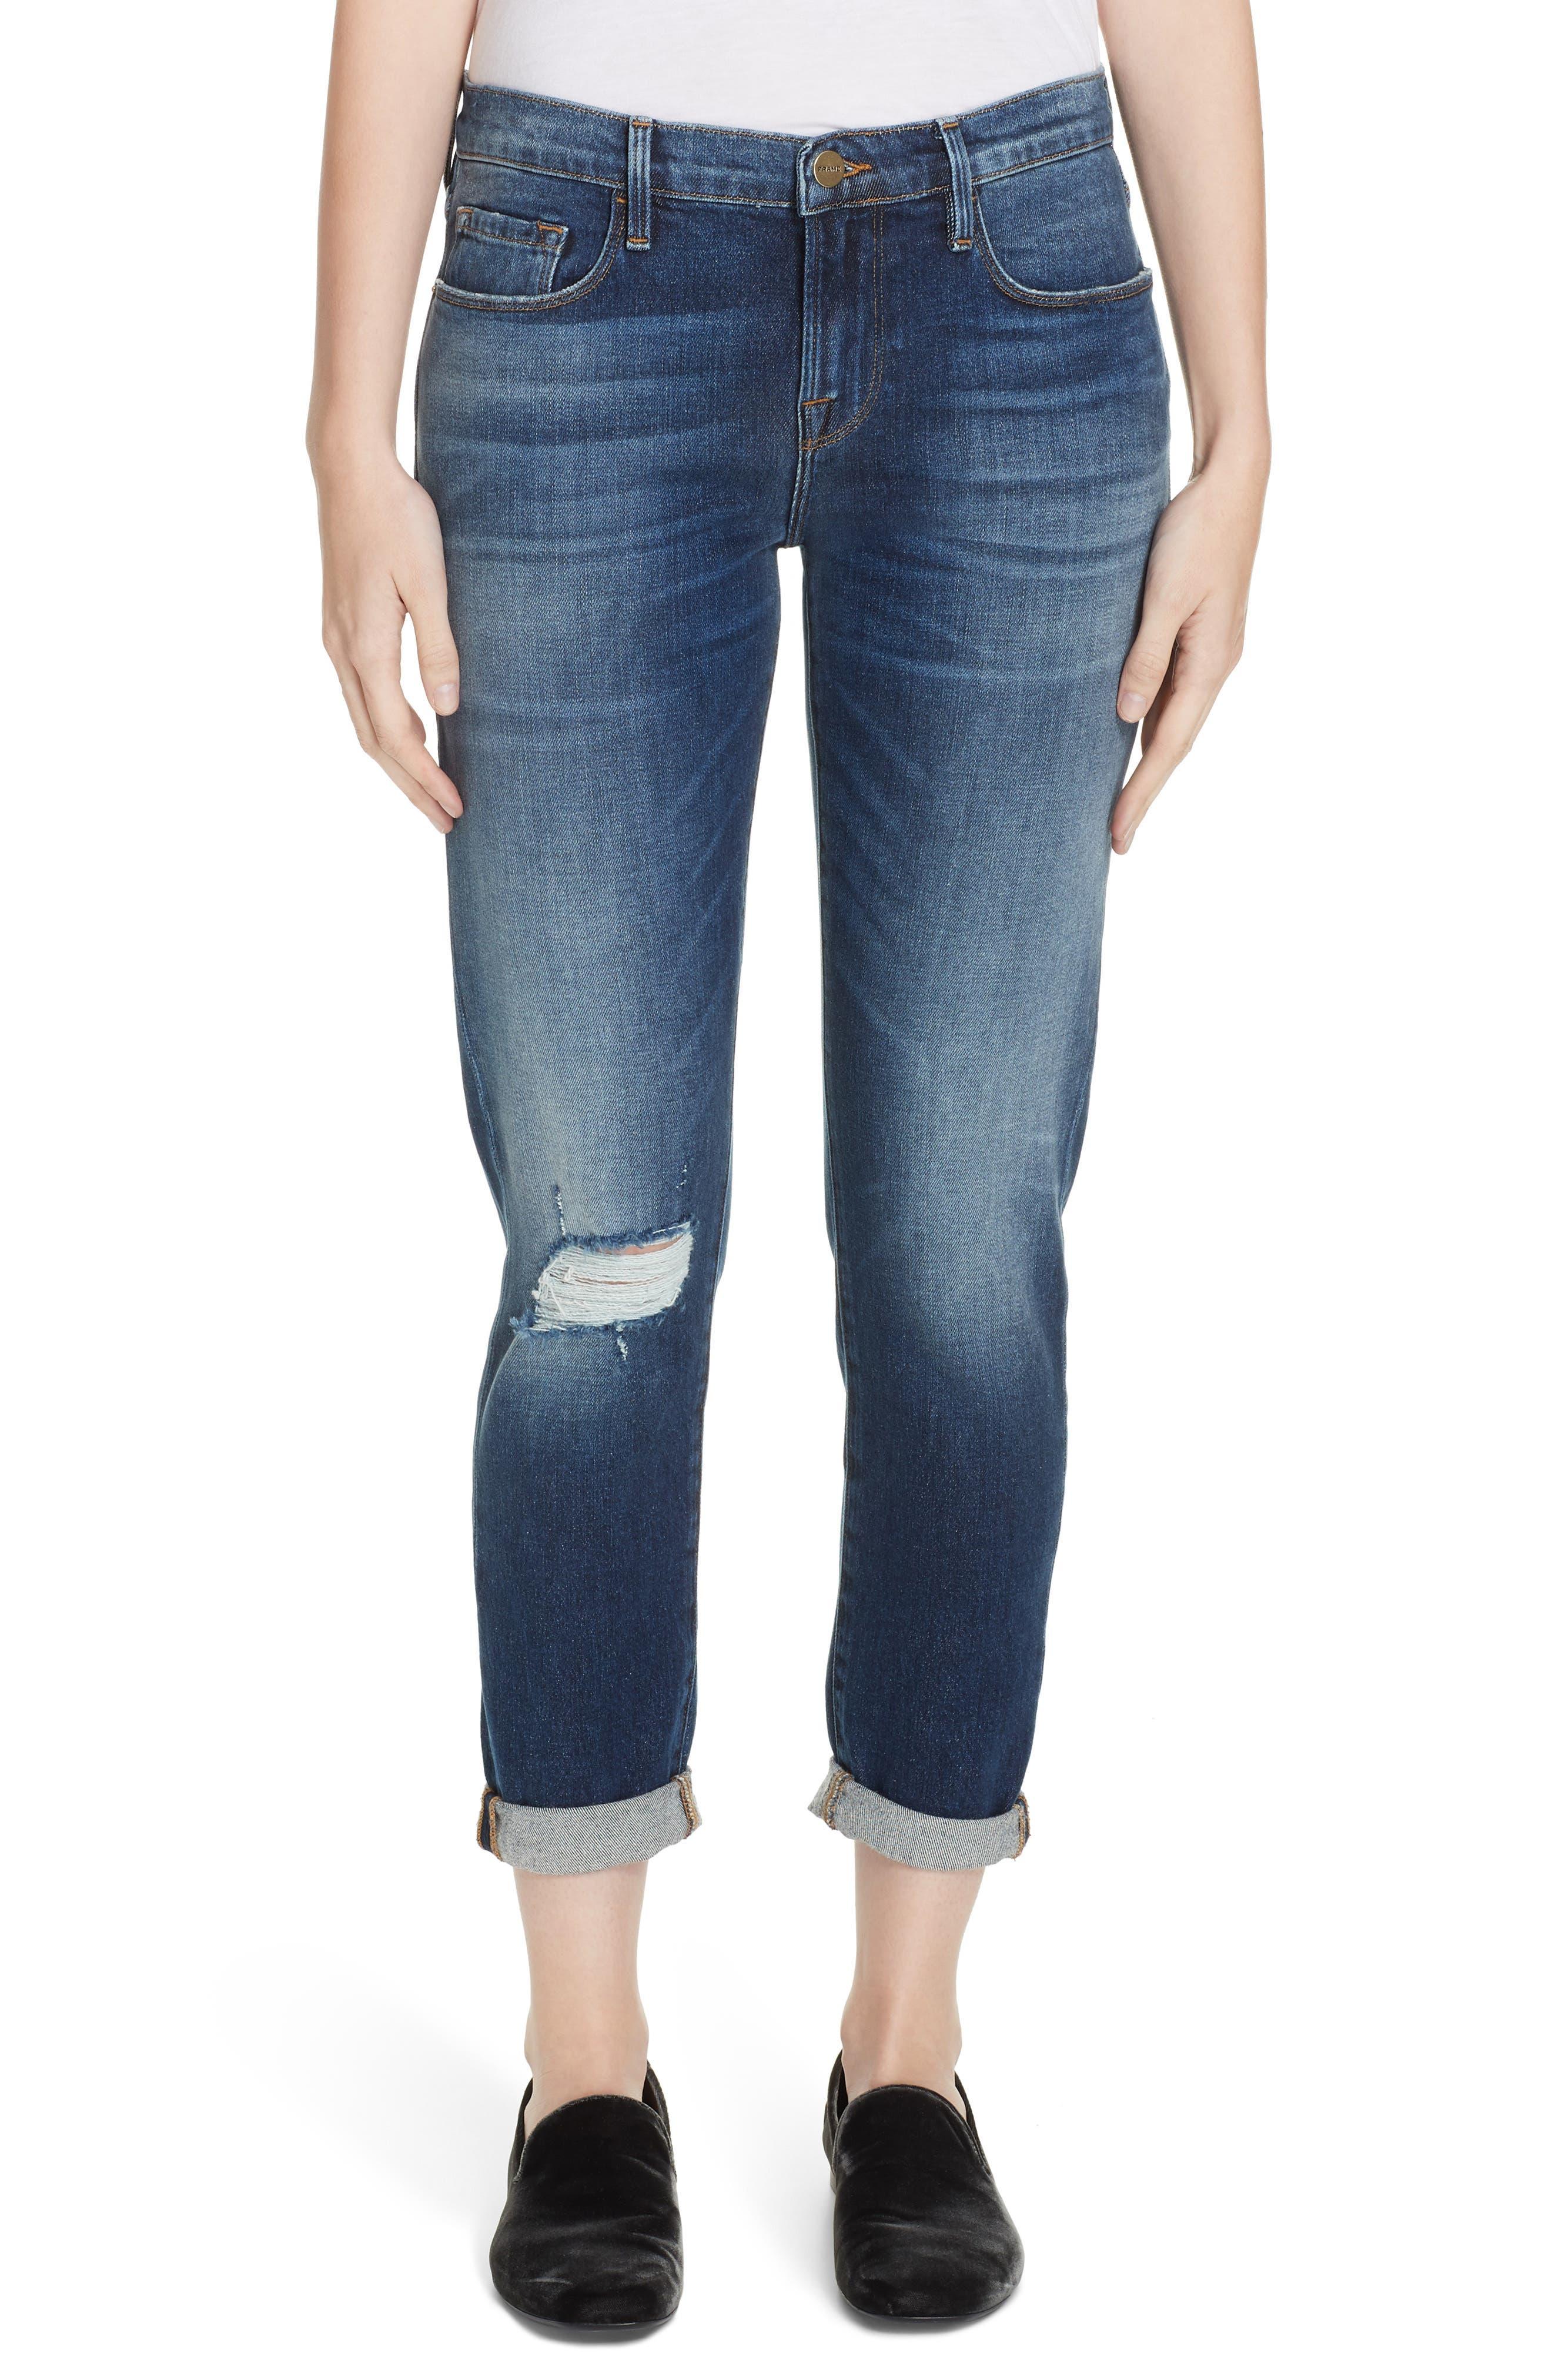 Le Garcon High Waist Ankle Slim Boyfriend Jeans,                             Main thumbnail 1, color,                             420